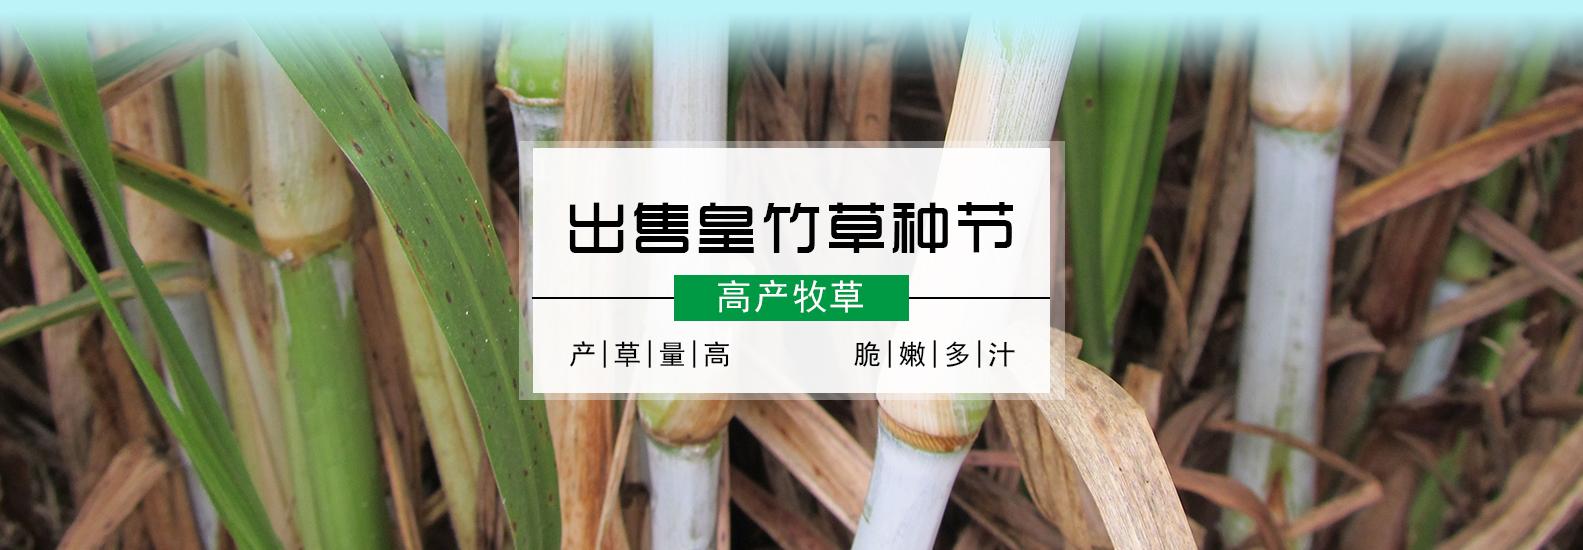 新型皇竹草种植